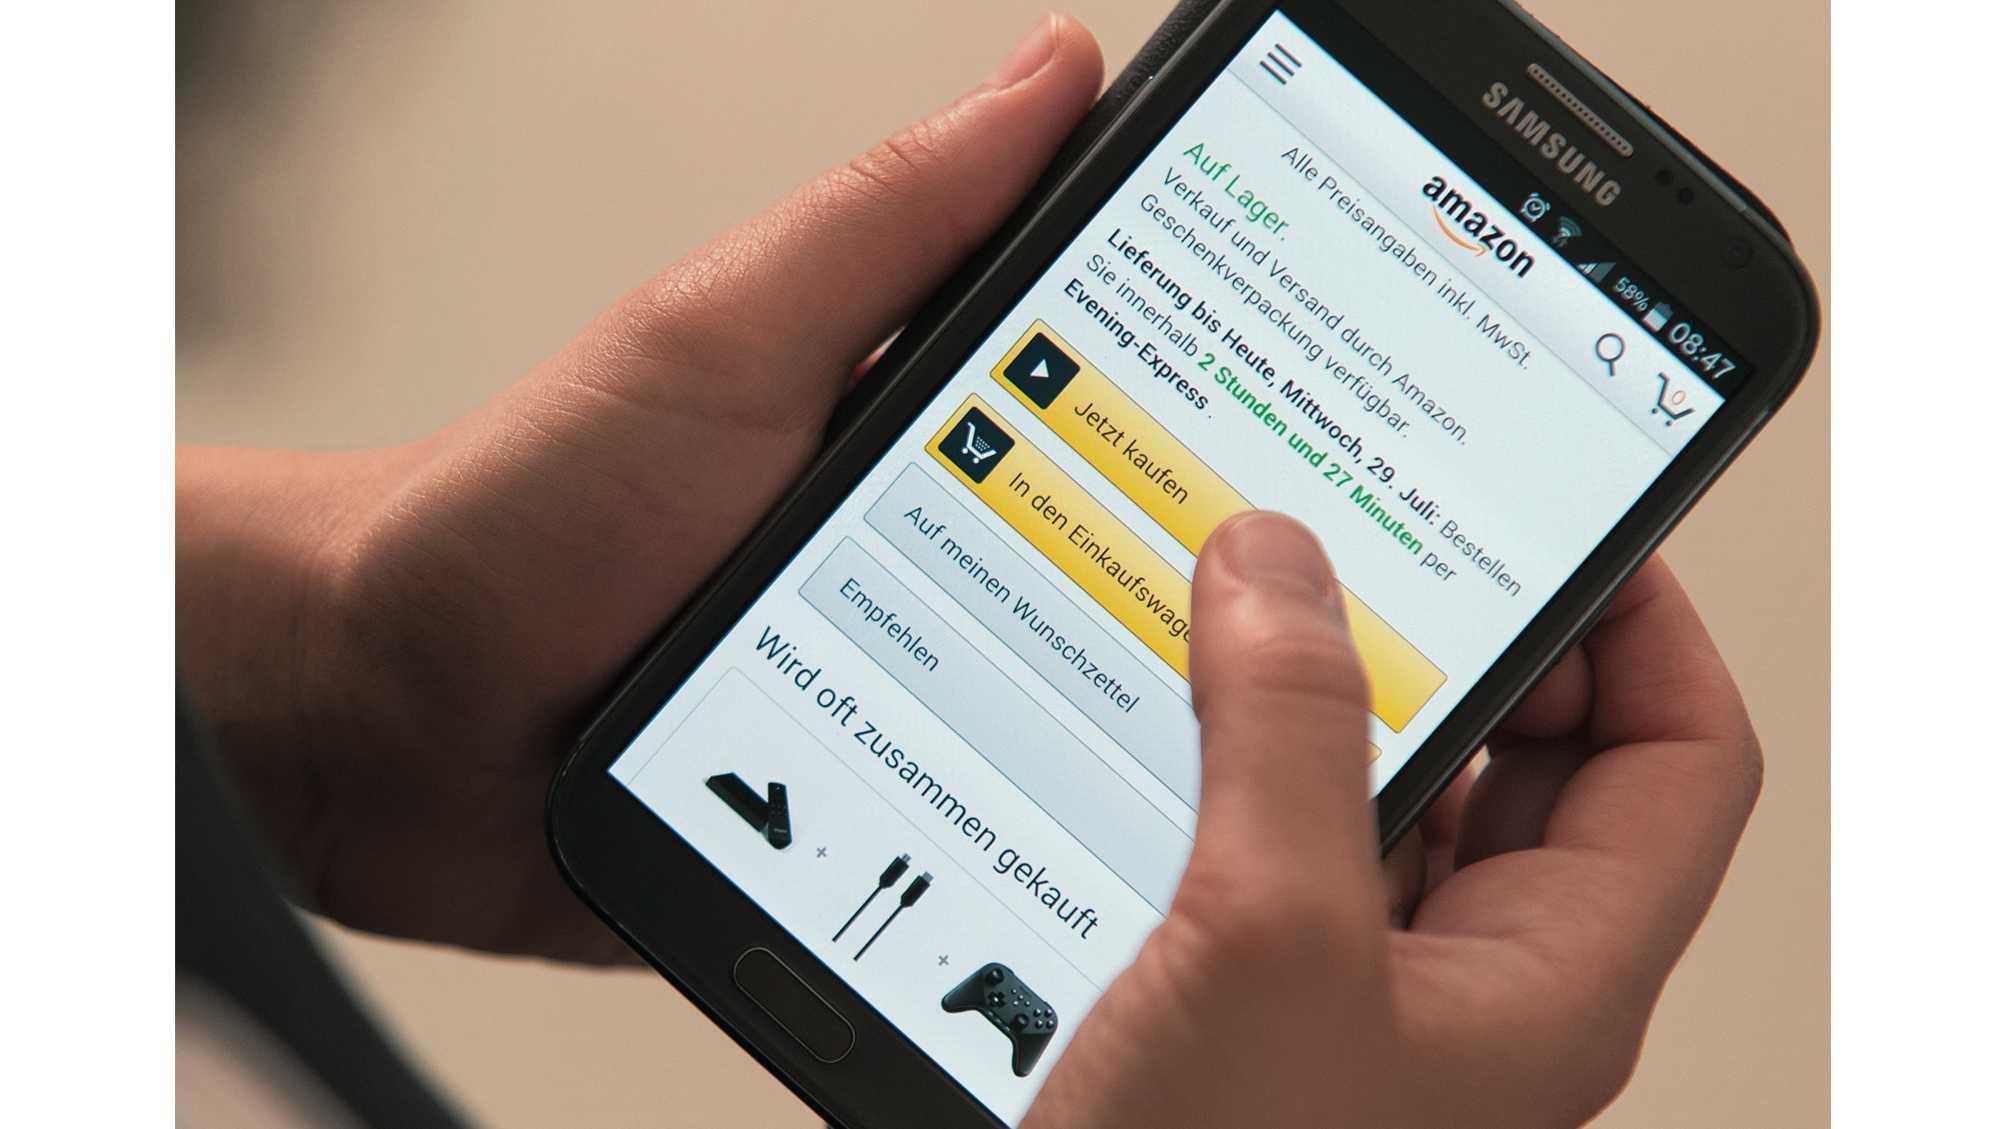 EU verpflichtet Hersteller zu Software-Aktualisierungen